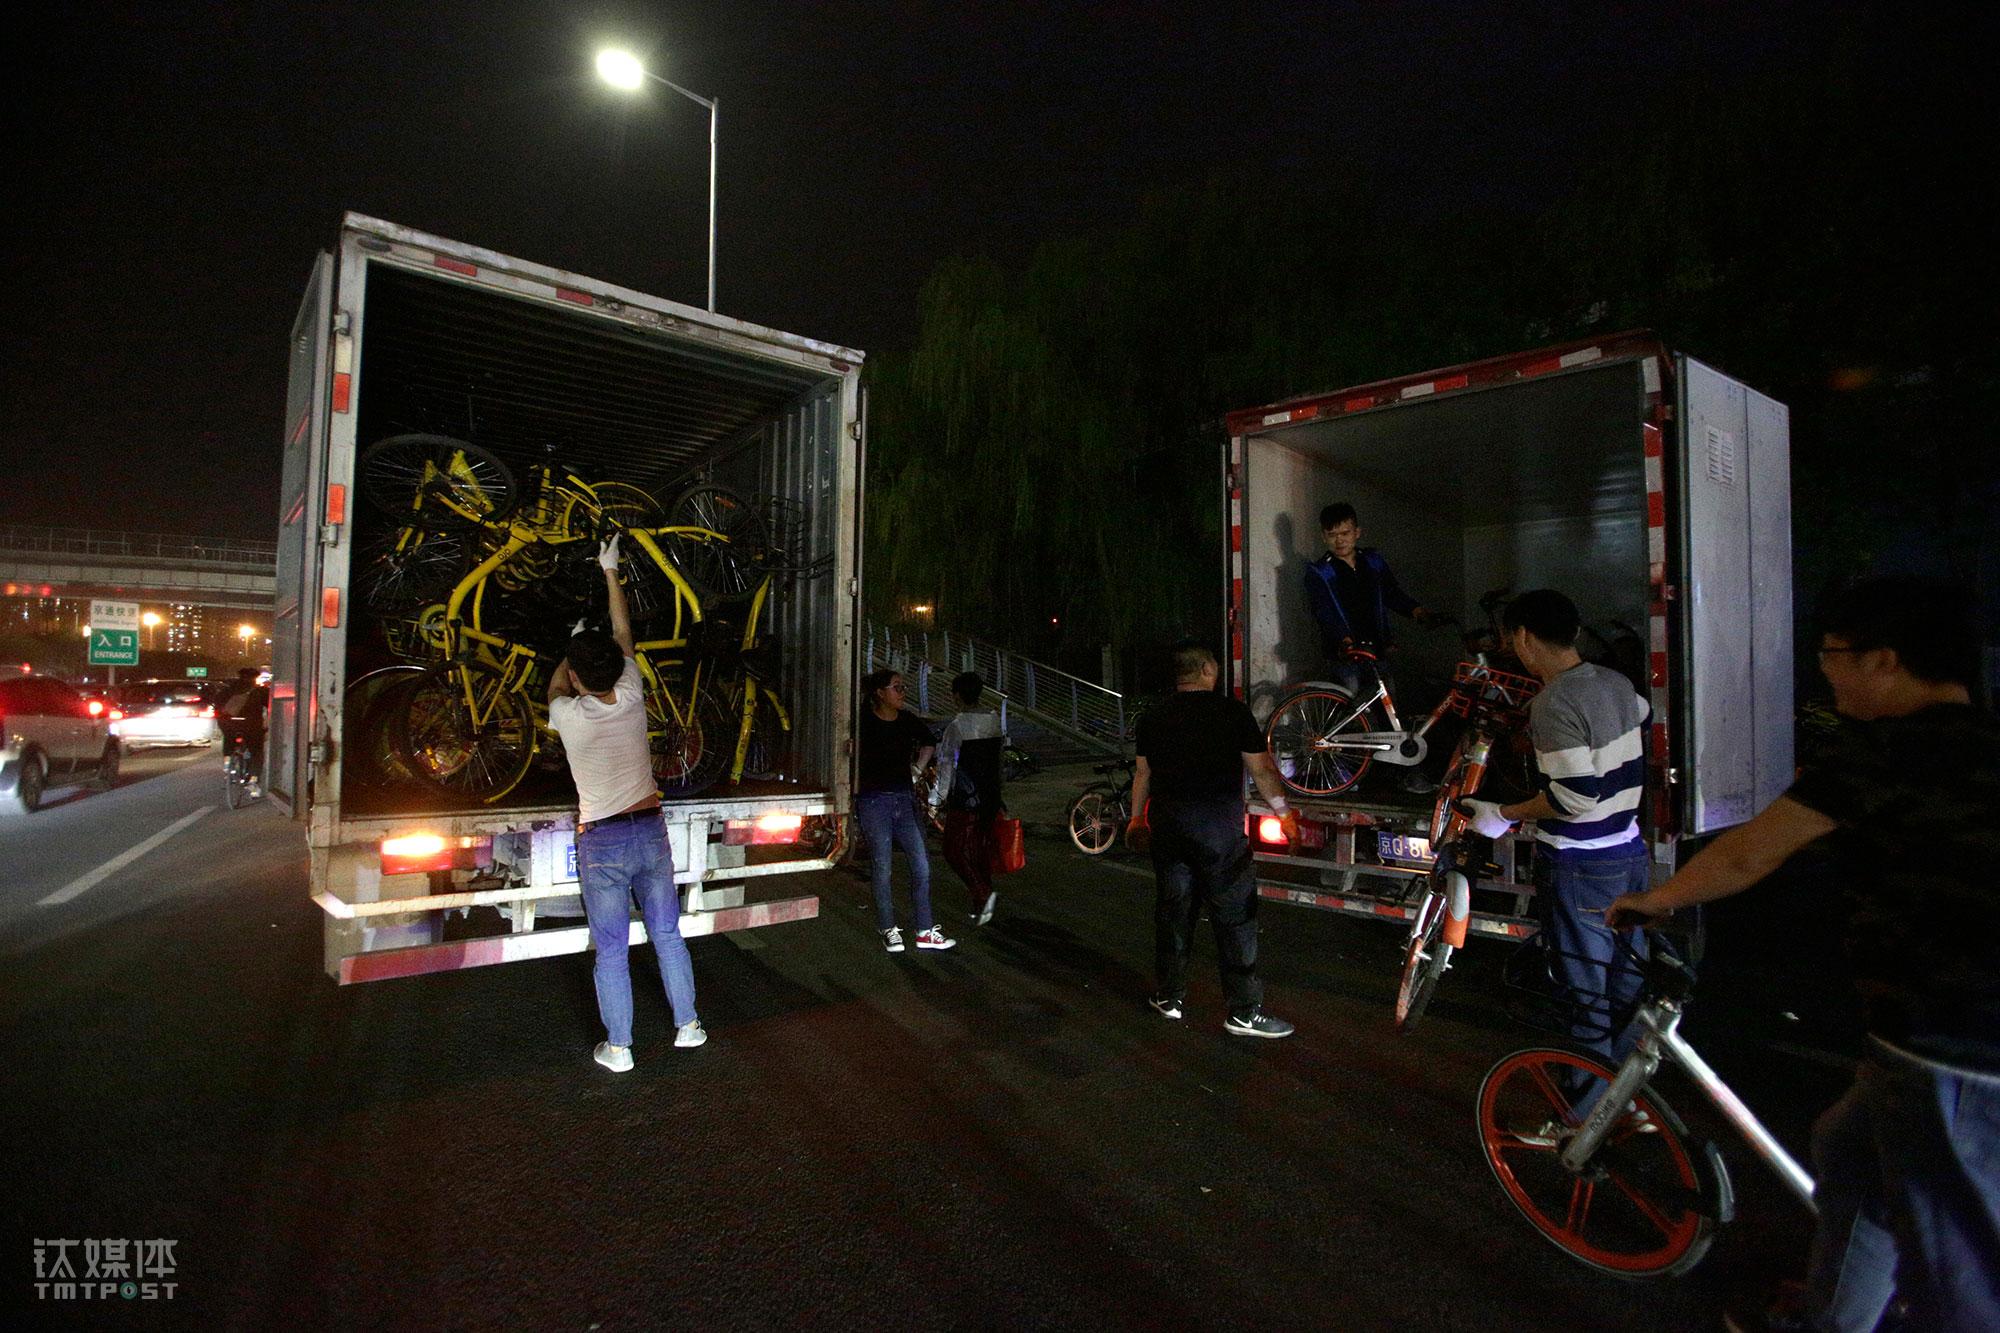 4月24日晚上9点多,两辆厢货仍在装运共享单车。